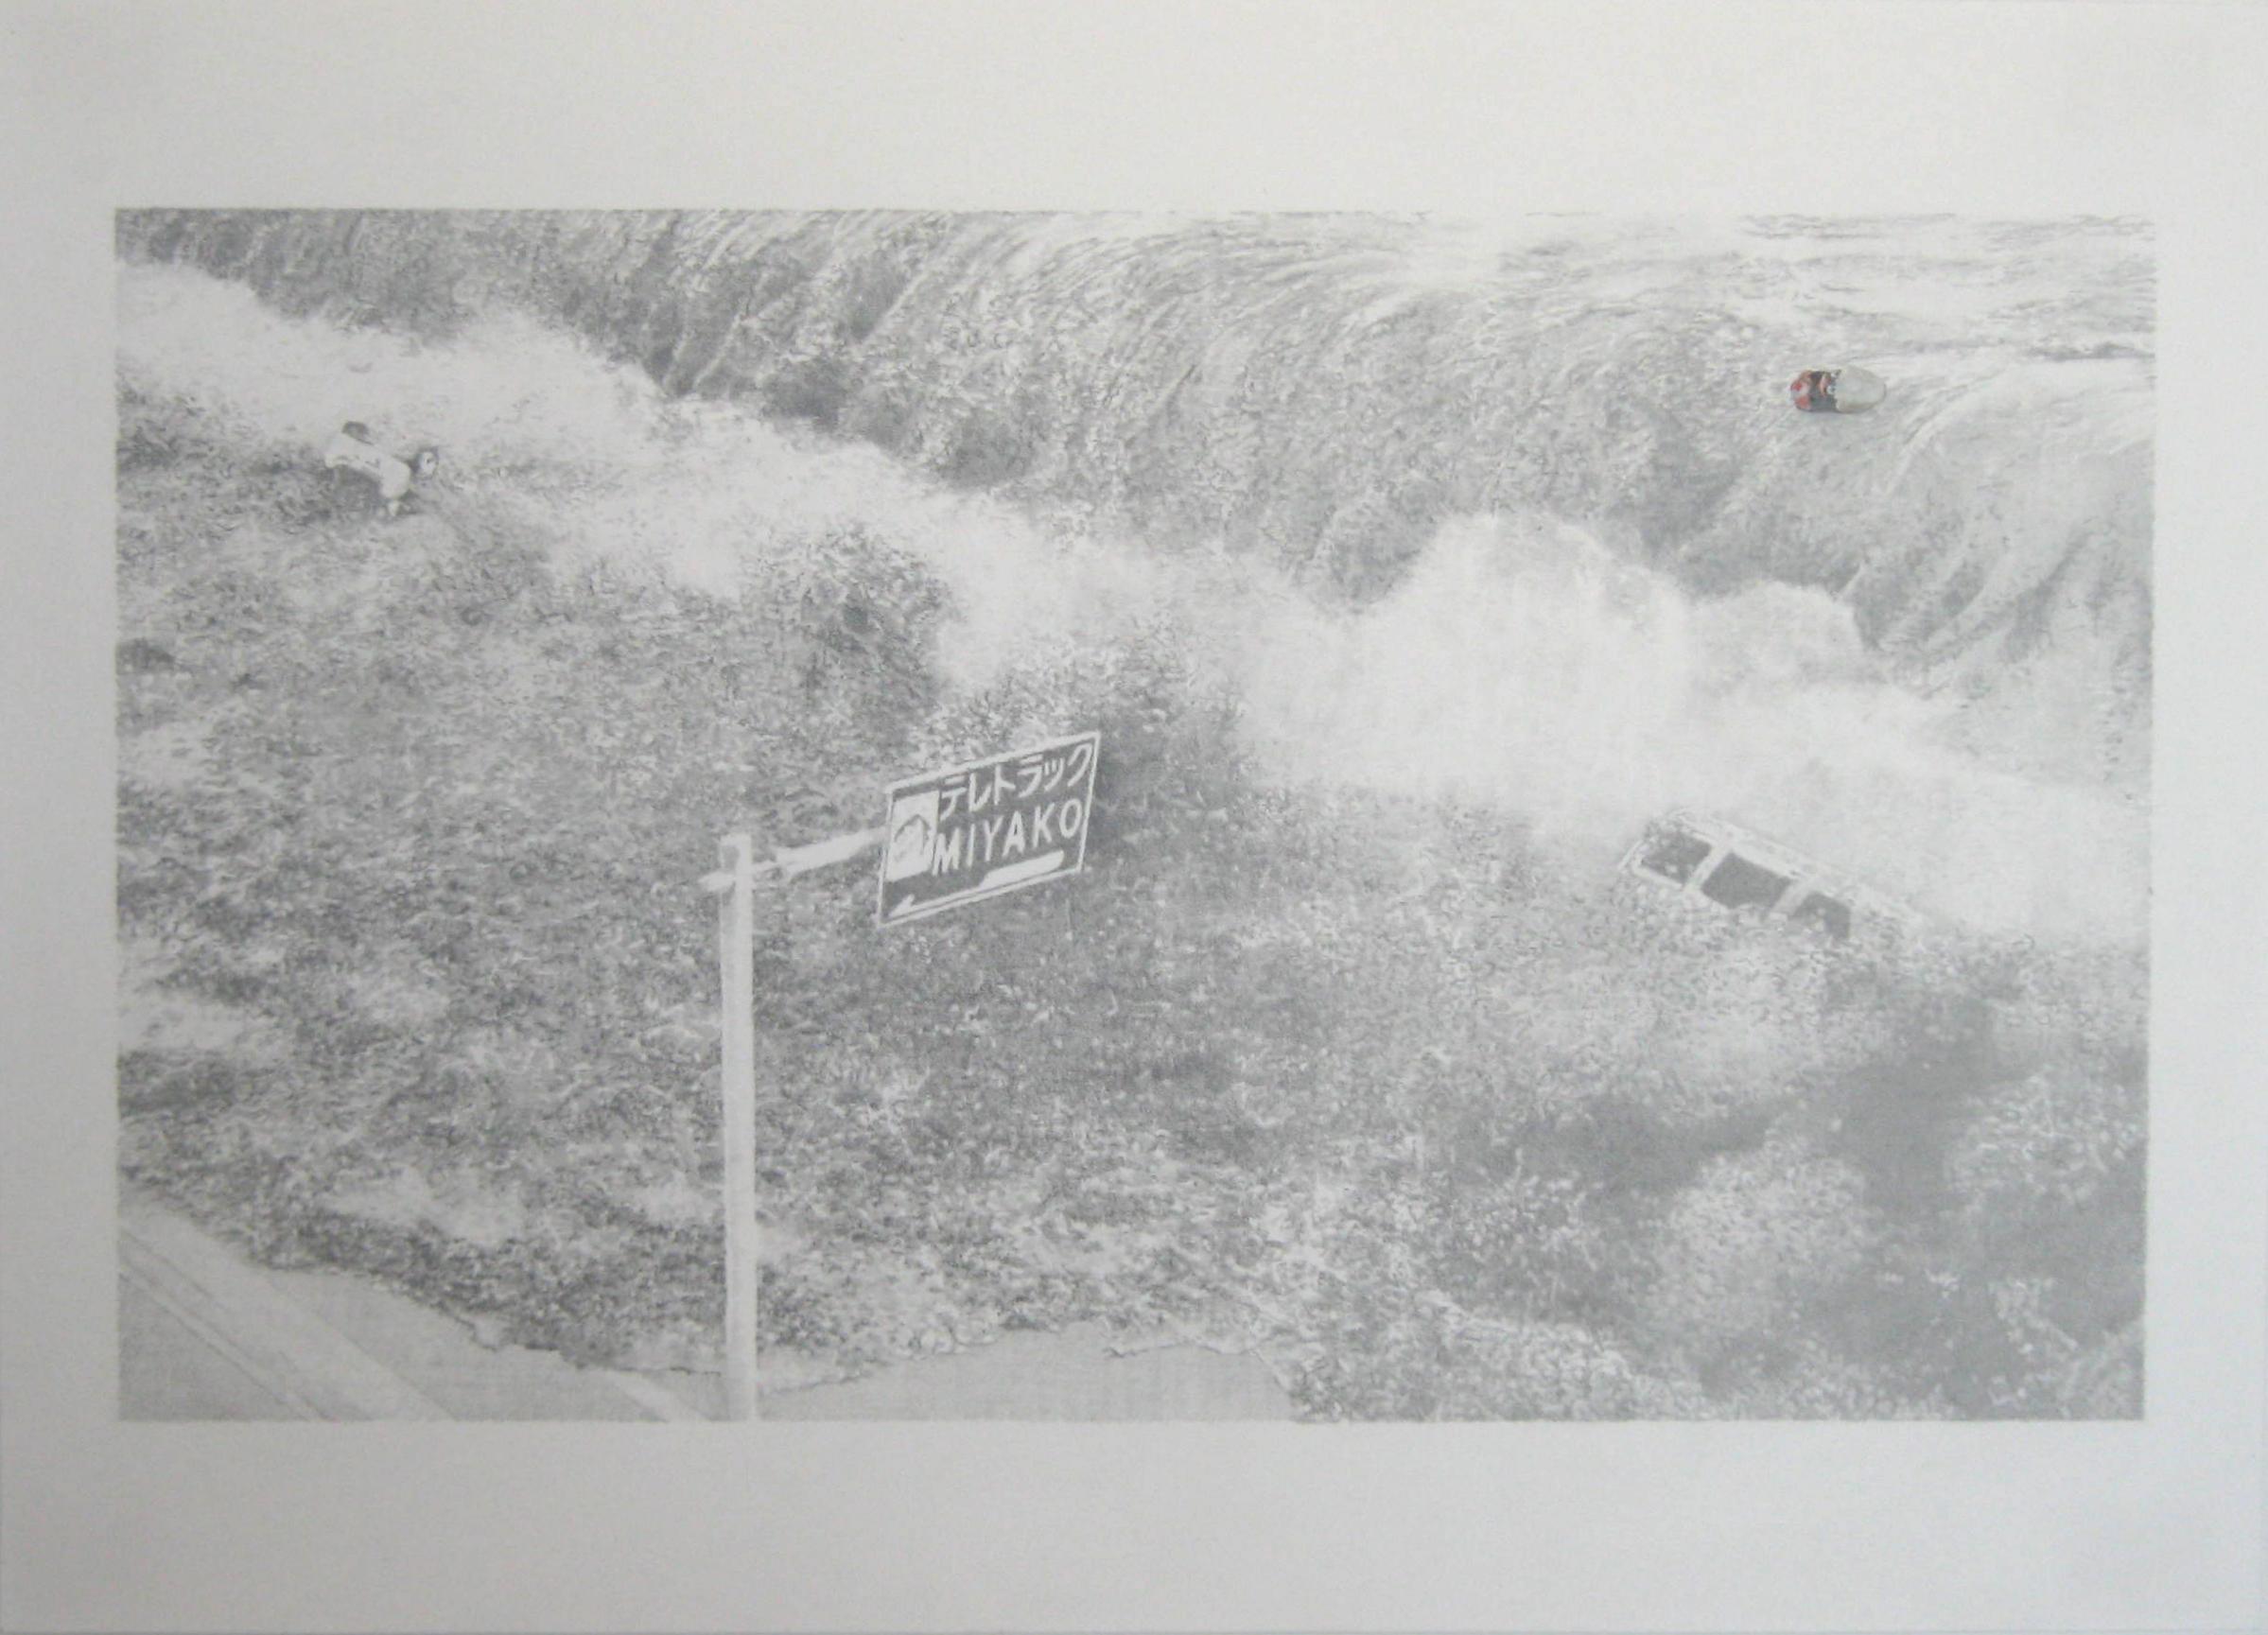 Sin Título 6 (Fukushima) - Lápiz y acrílico sobre papel - 33 x 46 cm - 2016